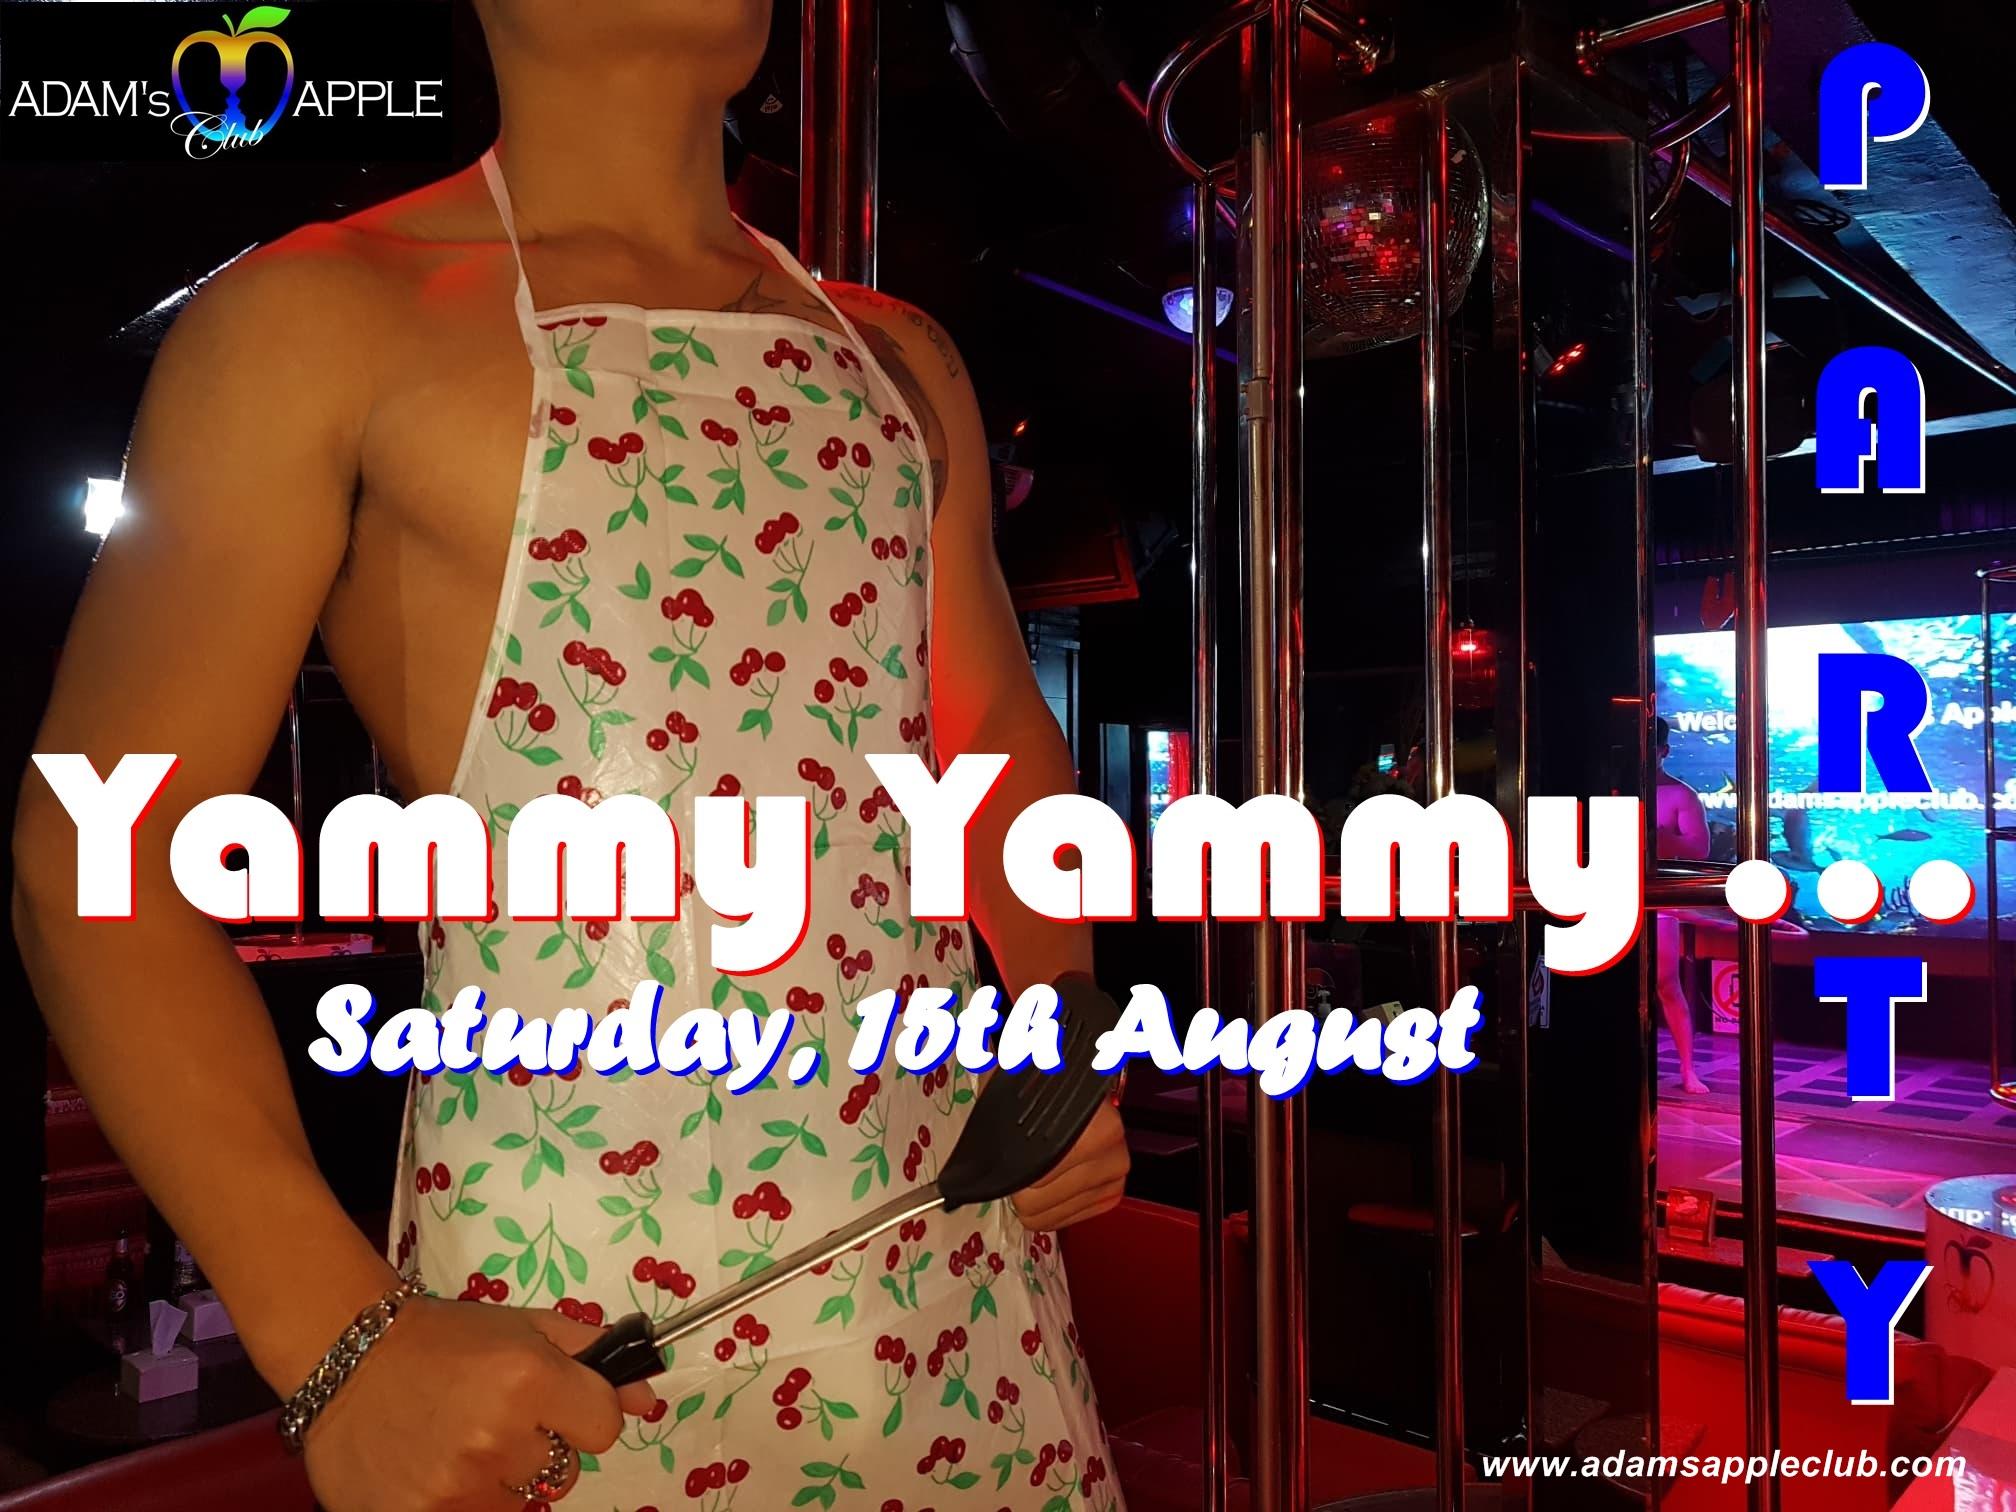 Yammy Yammy ... Party Adams Apple Club